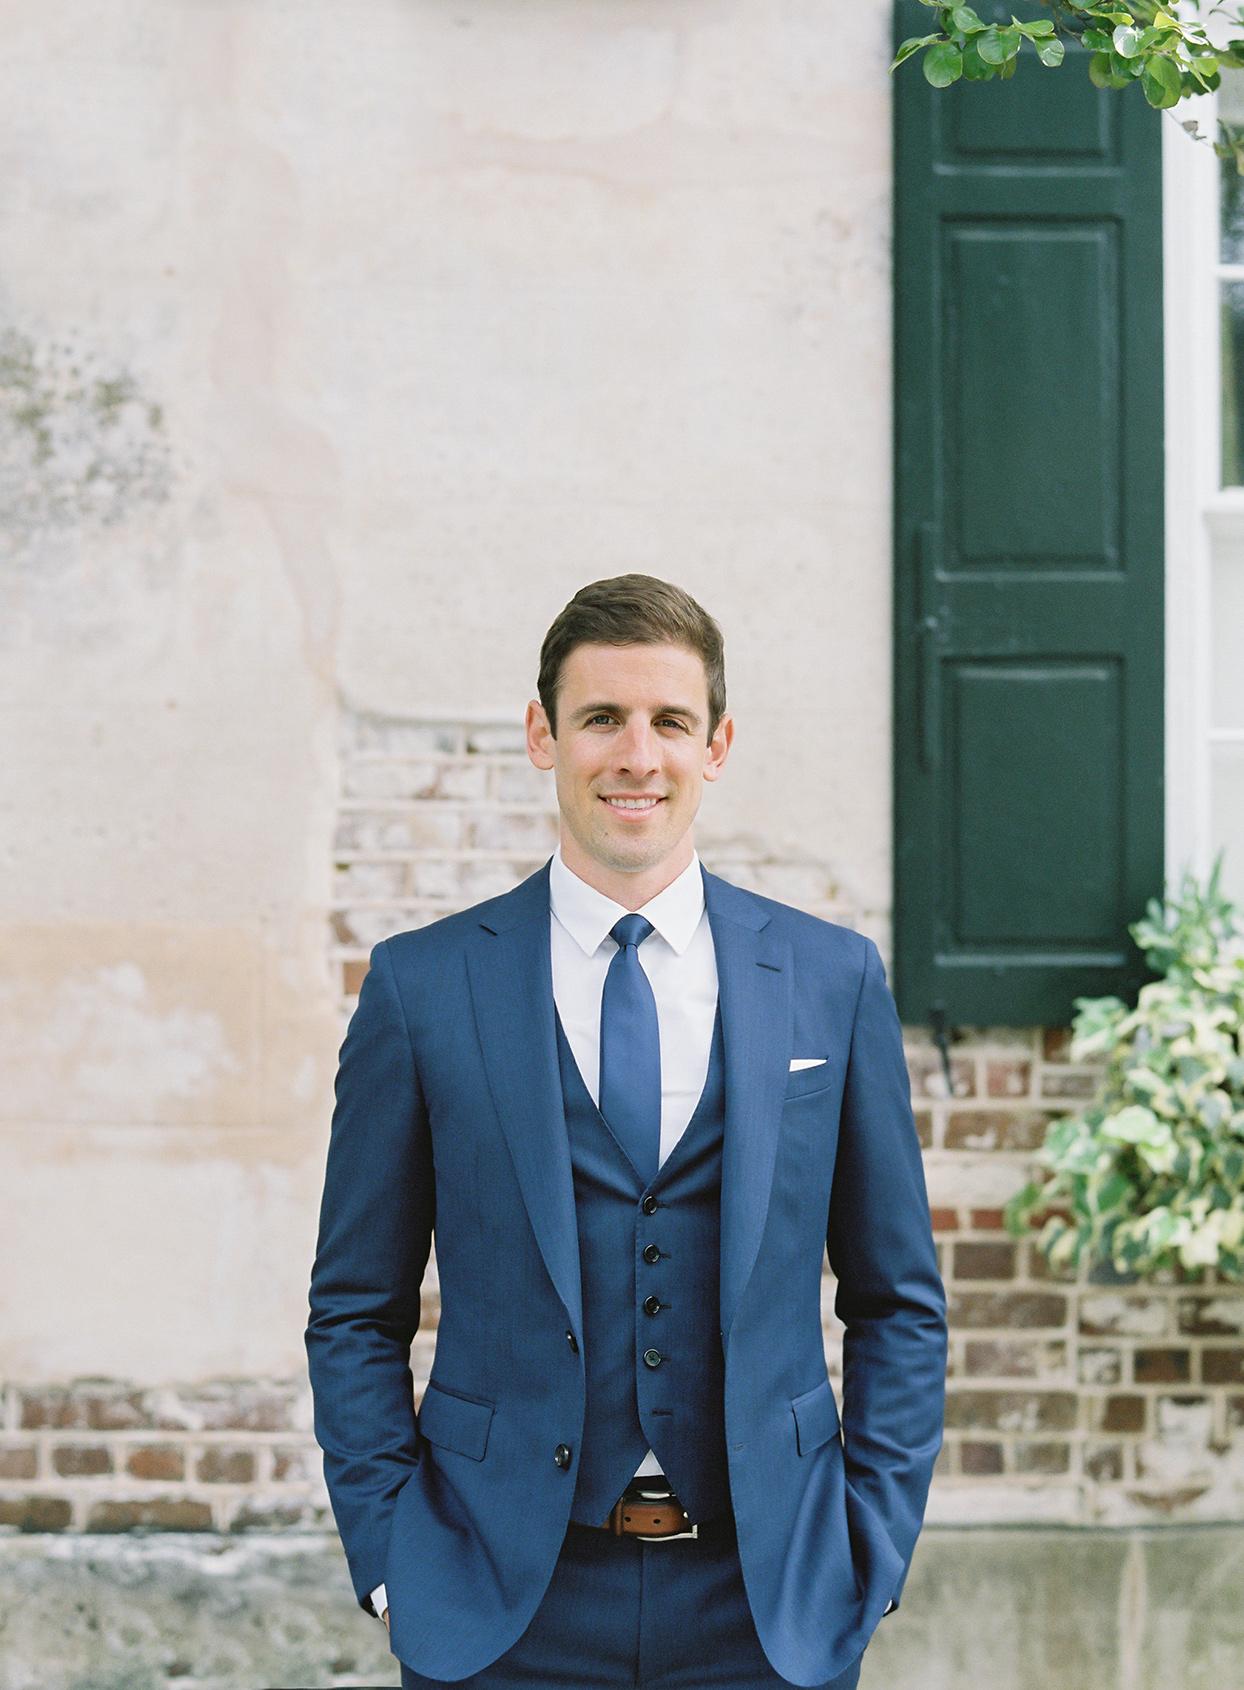 paula terence wedding groom in blue suit